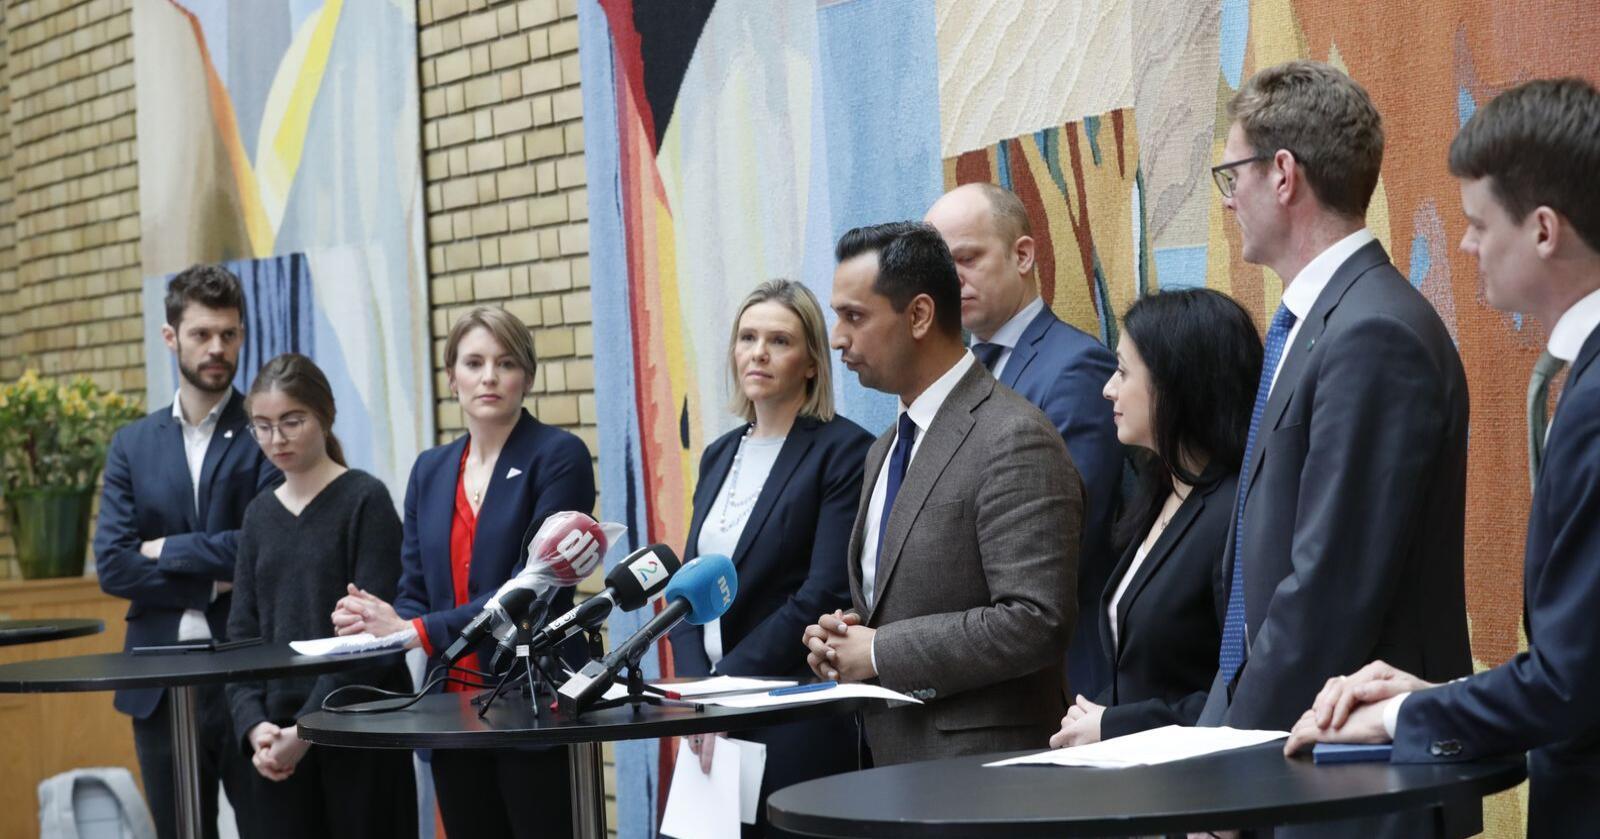 Pressekonferanse på Stortinget i forbindelse med regjeringens krisepakke.Foto: Terje Bendiksby / NTB scanpix